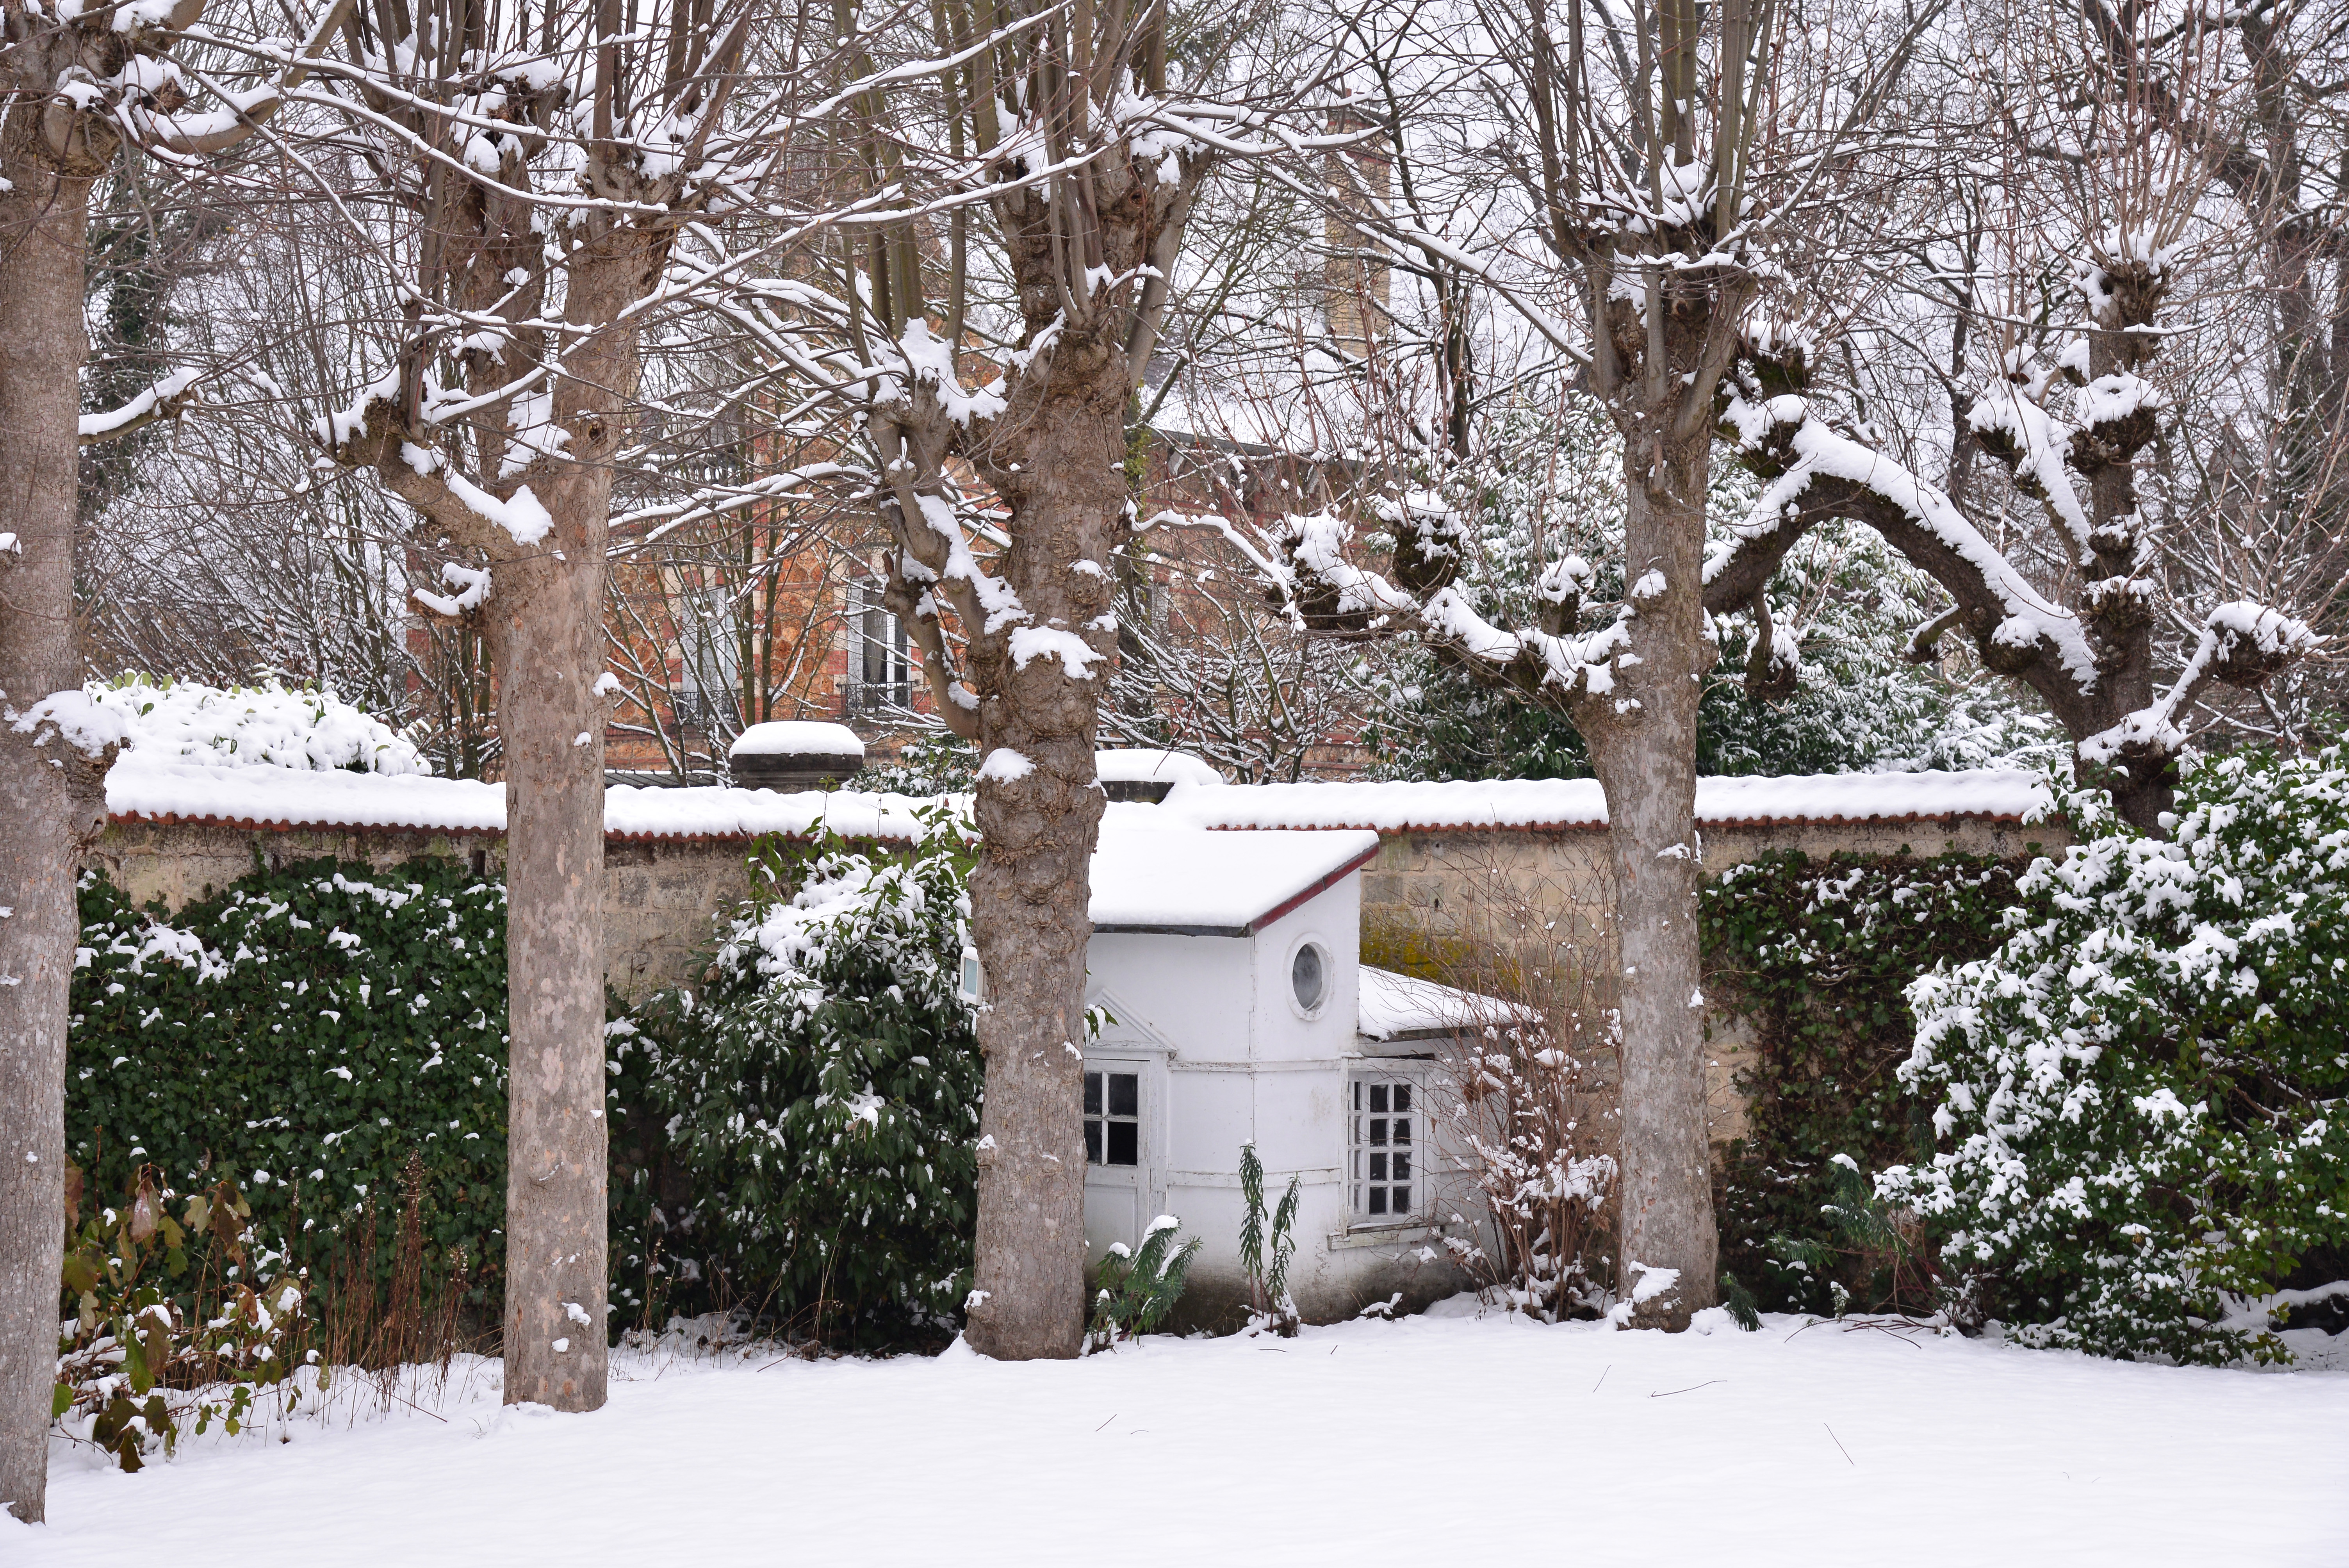 Snow Home - St Germain en Laye - 1488